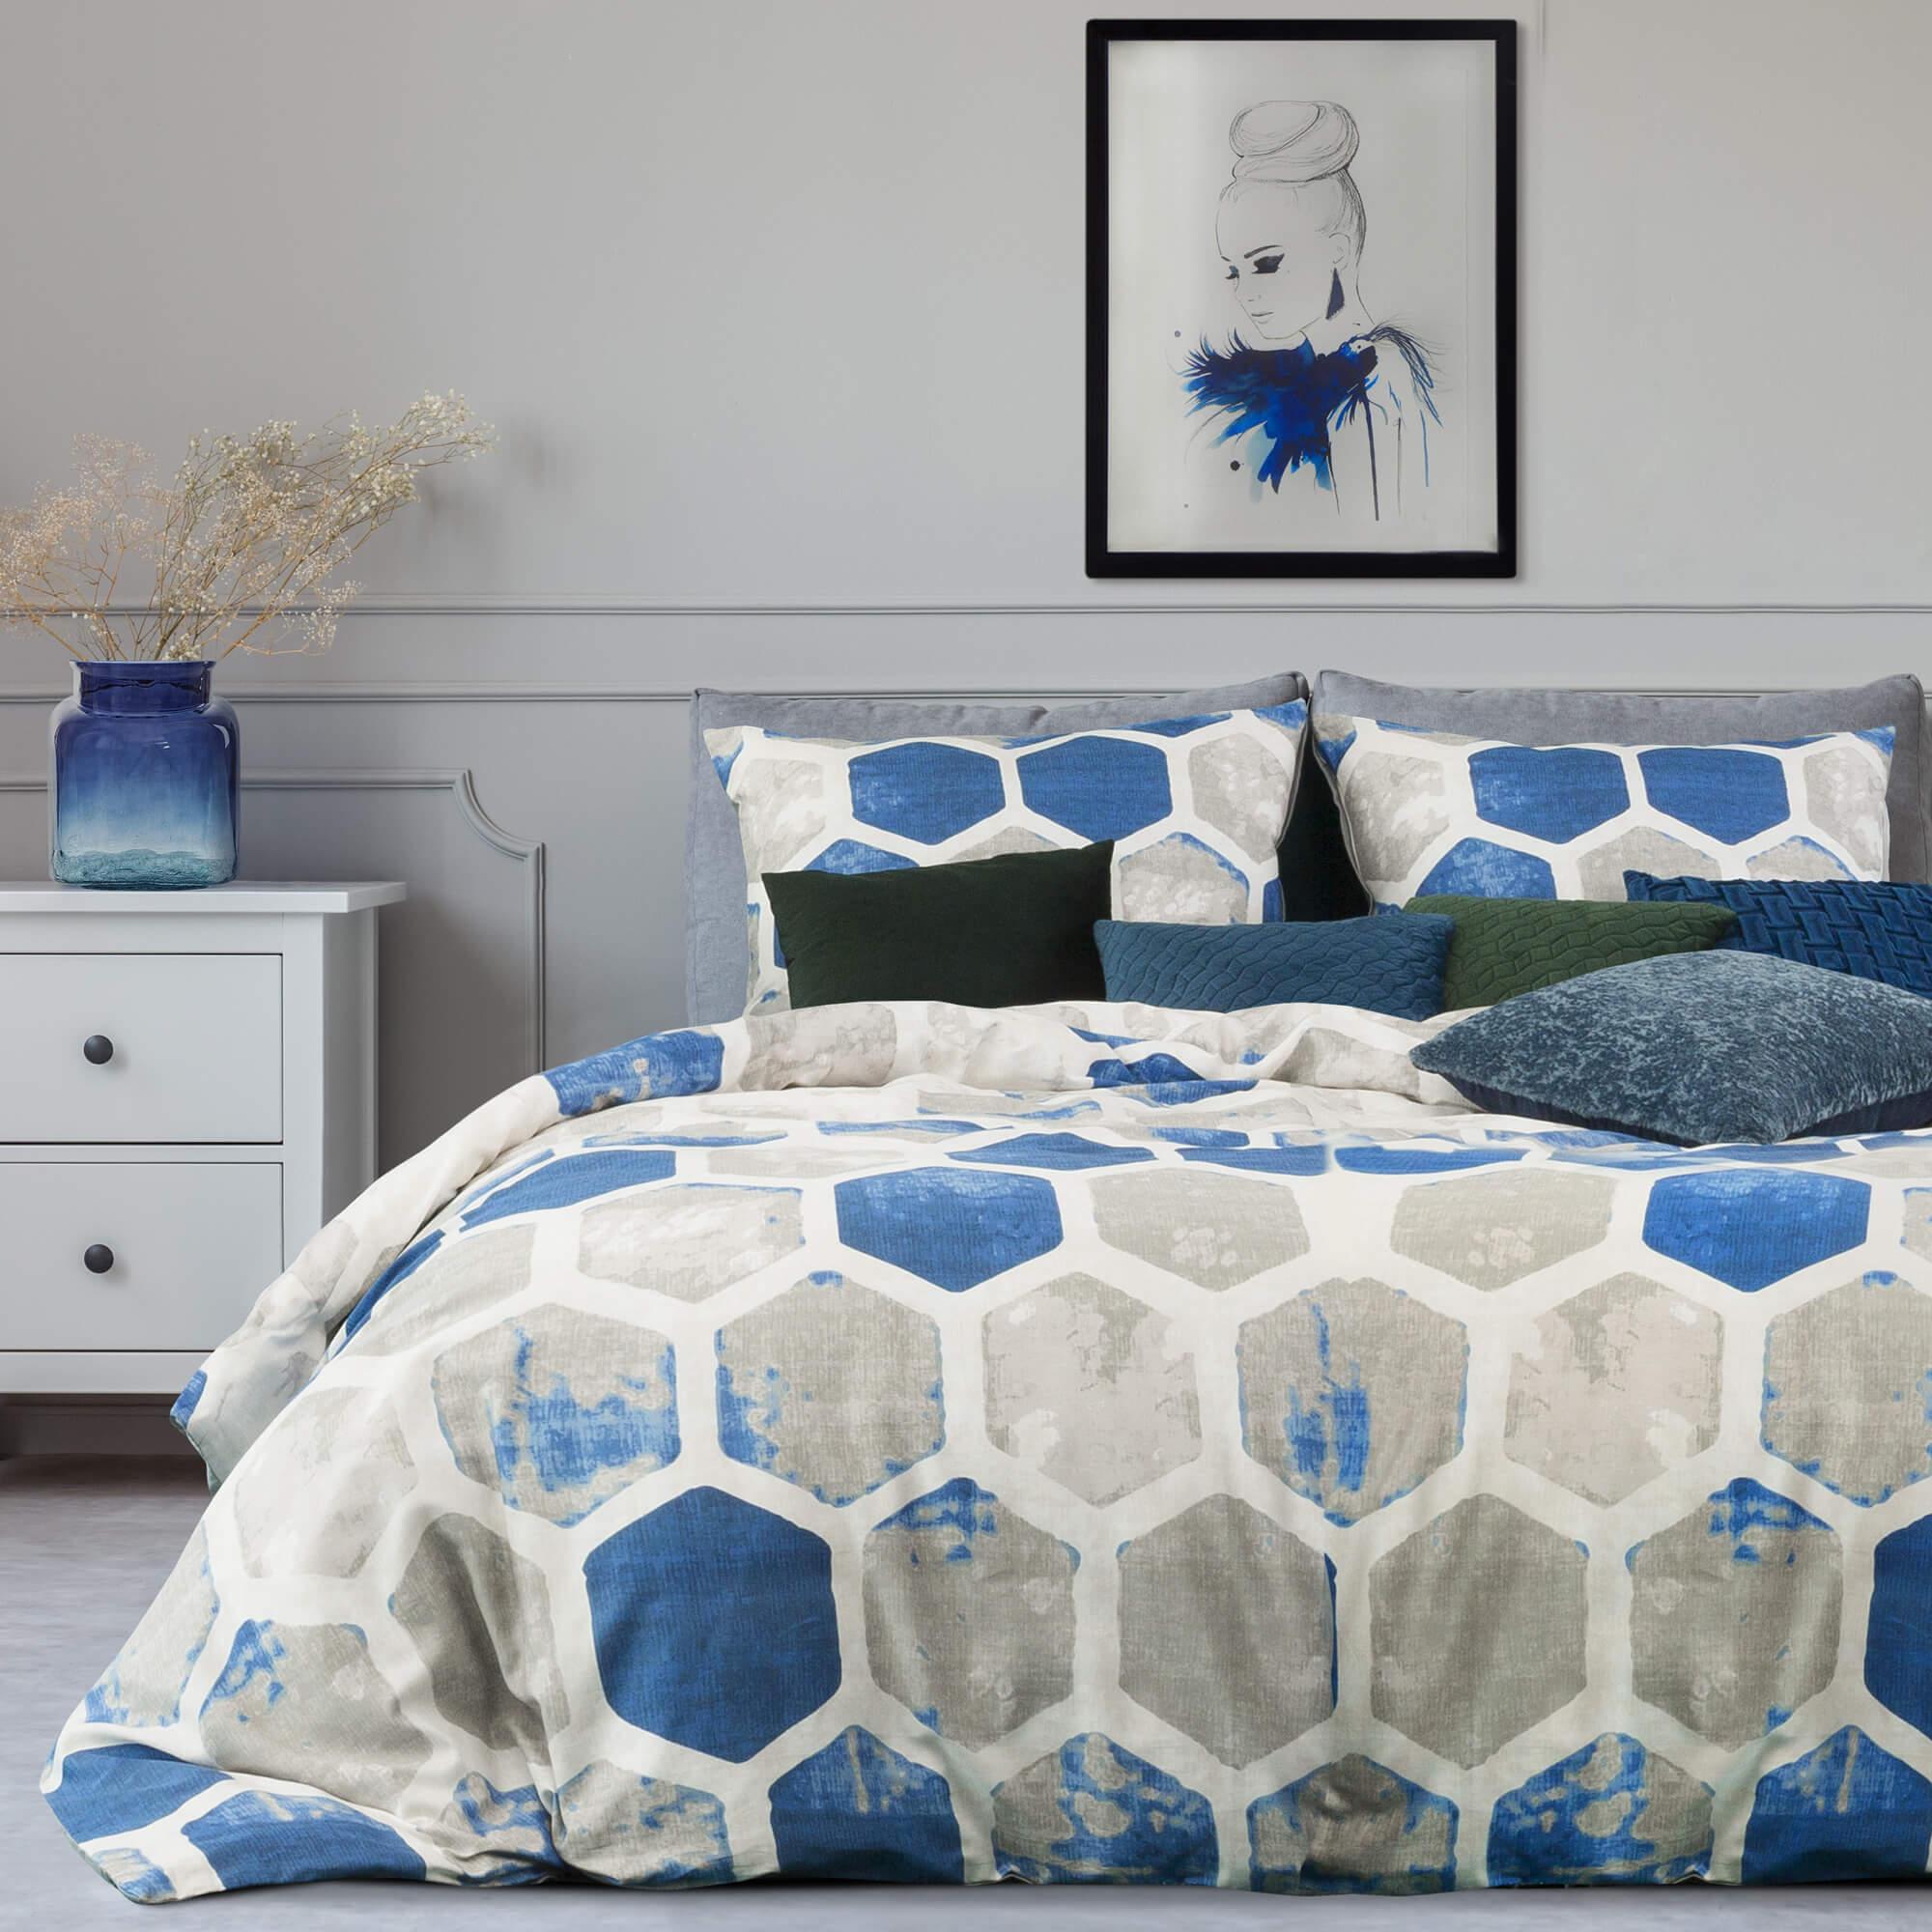 Co na ścianę w sypialni za łóżkiem – dekorator Eurofirany radzi.